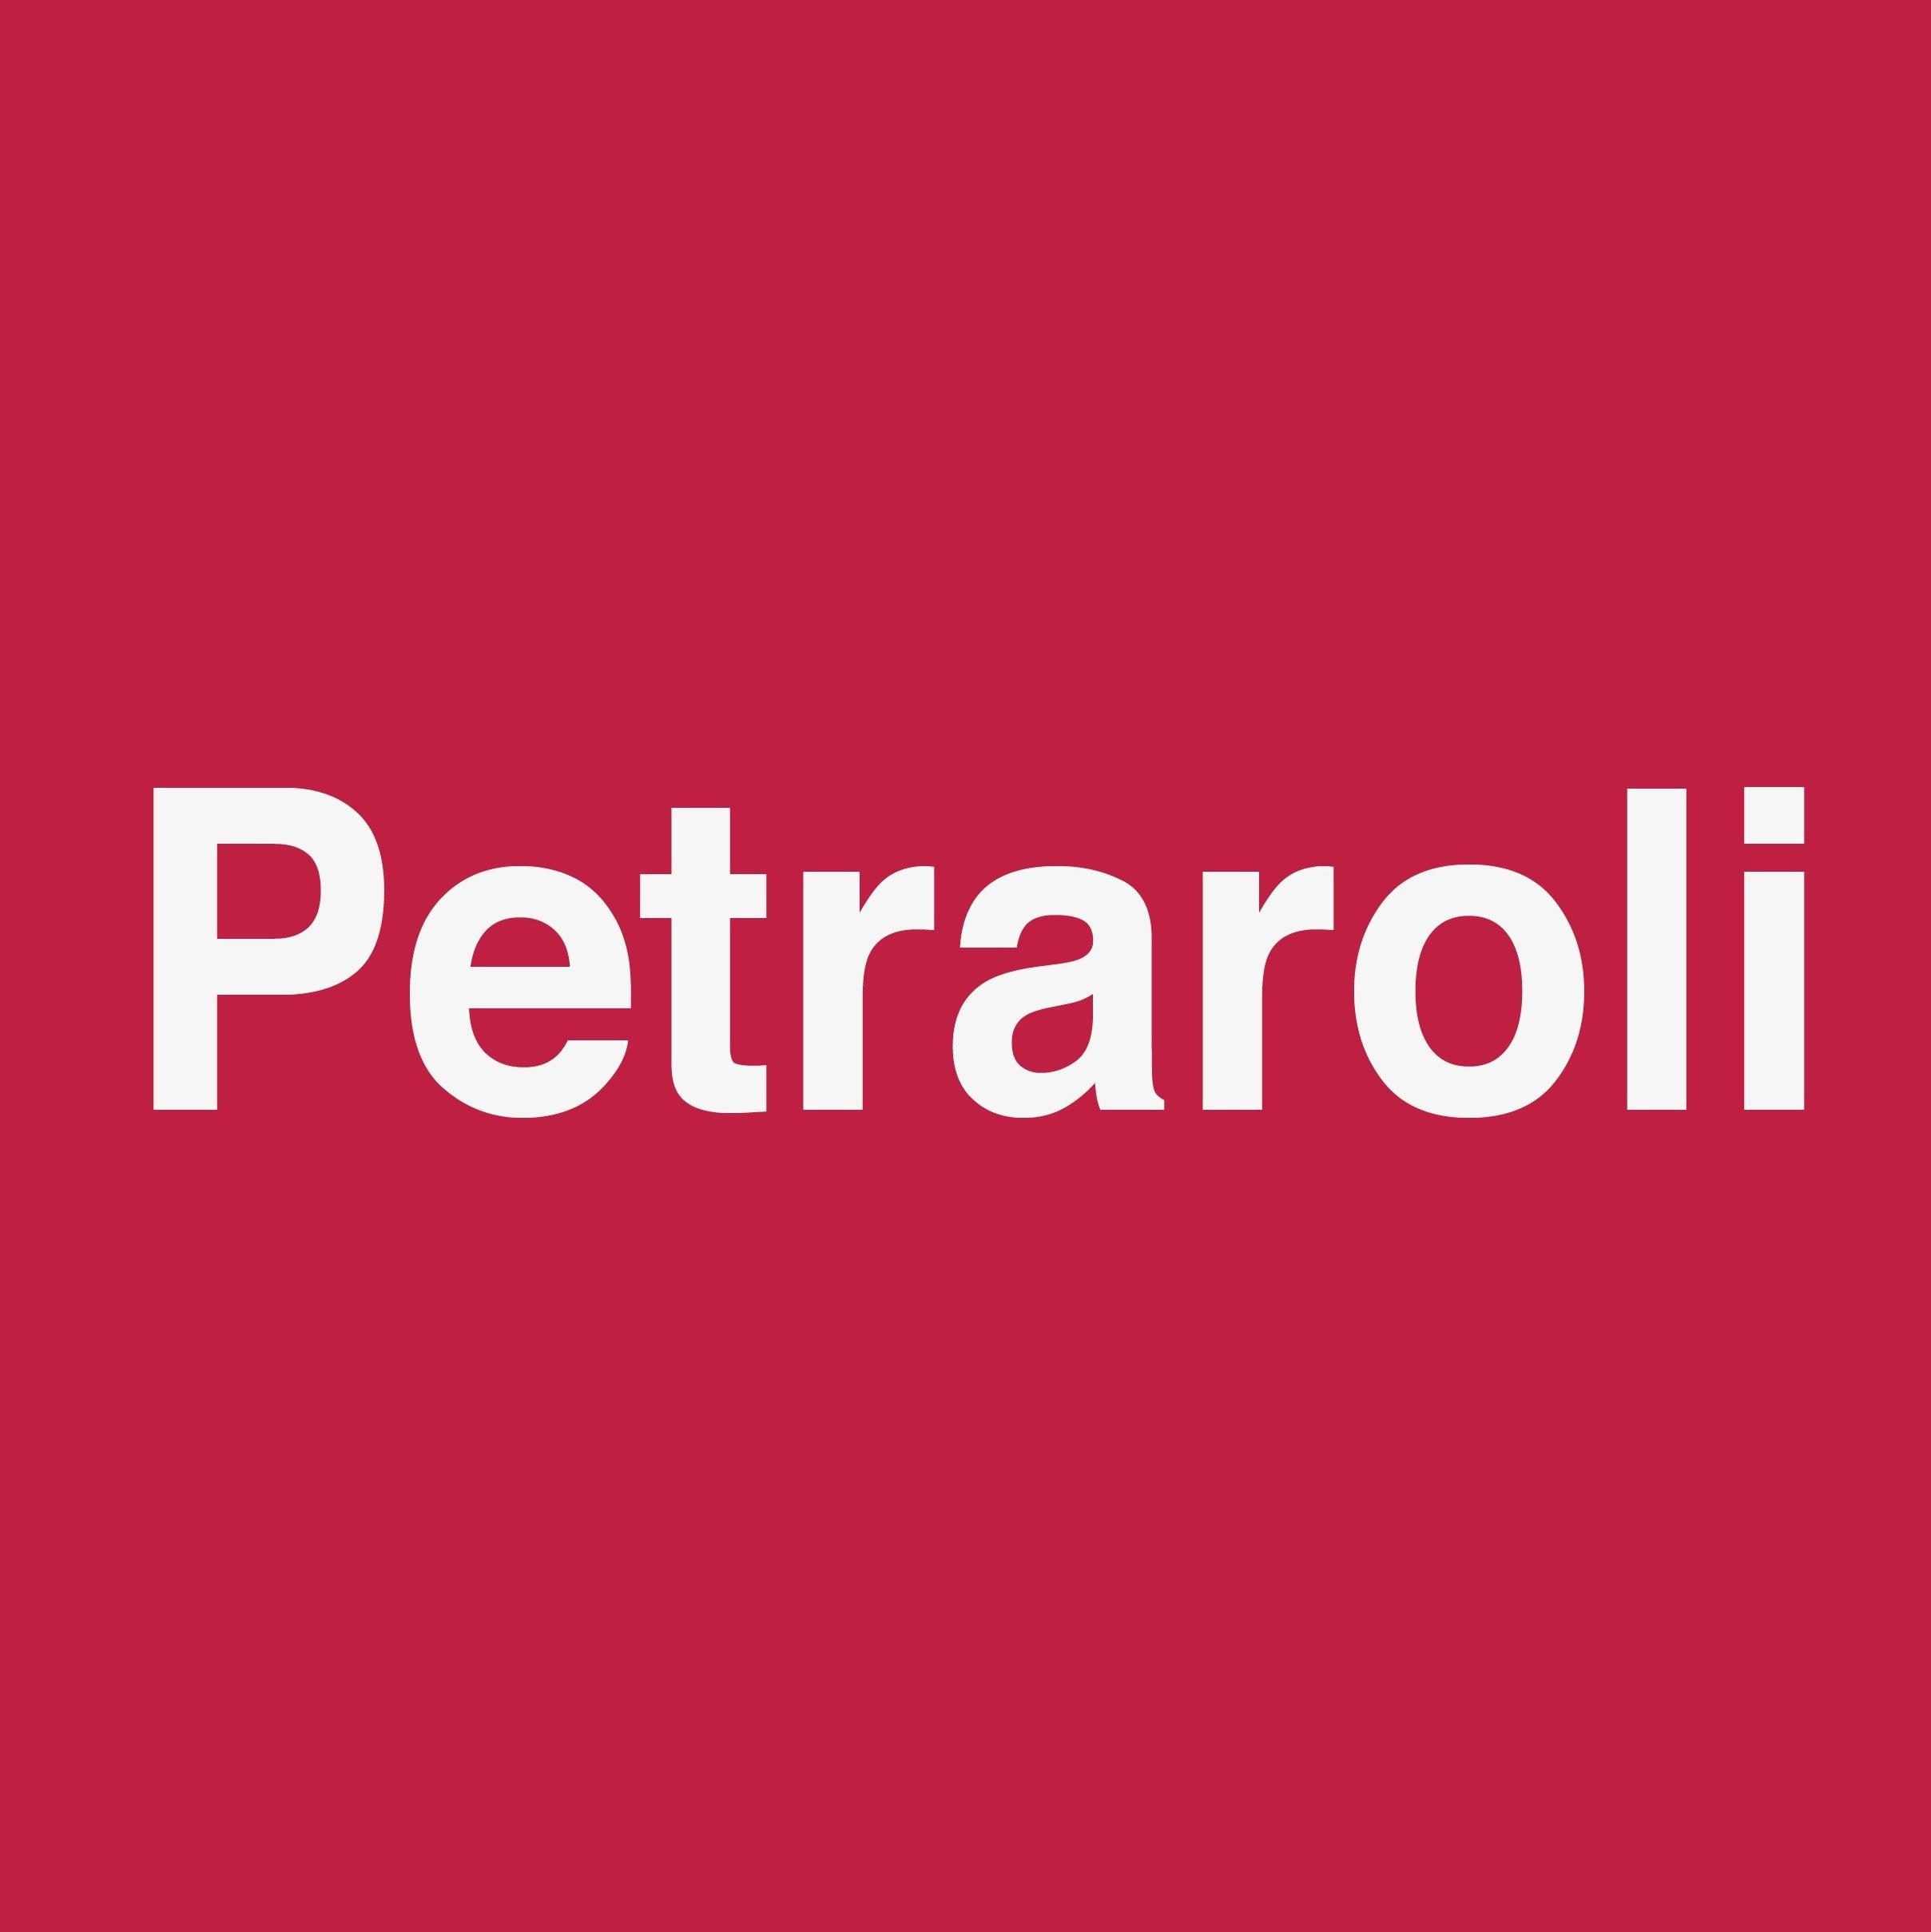 Petraroli